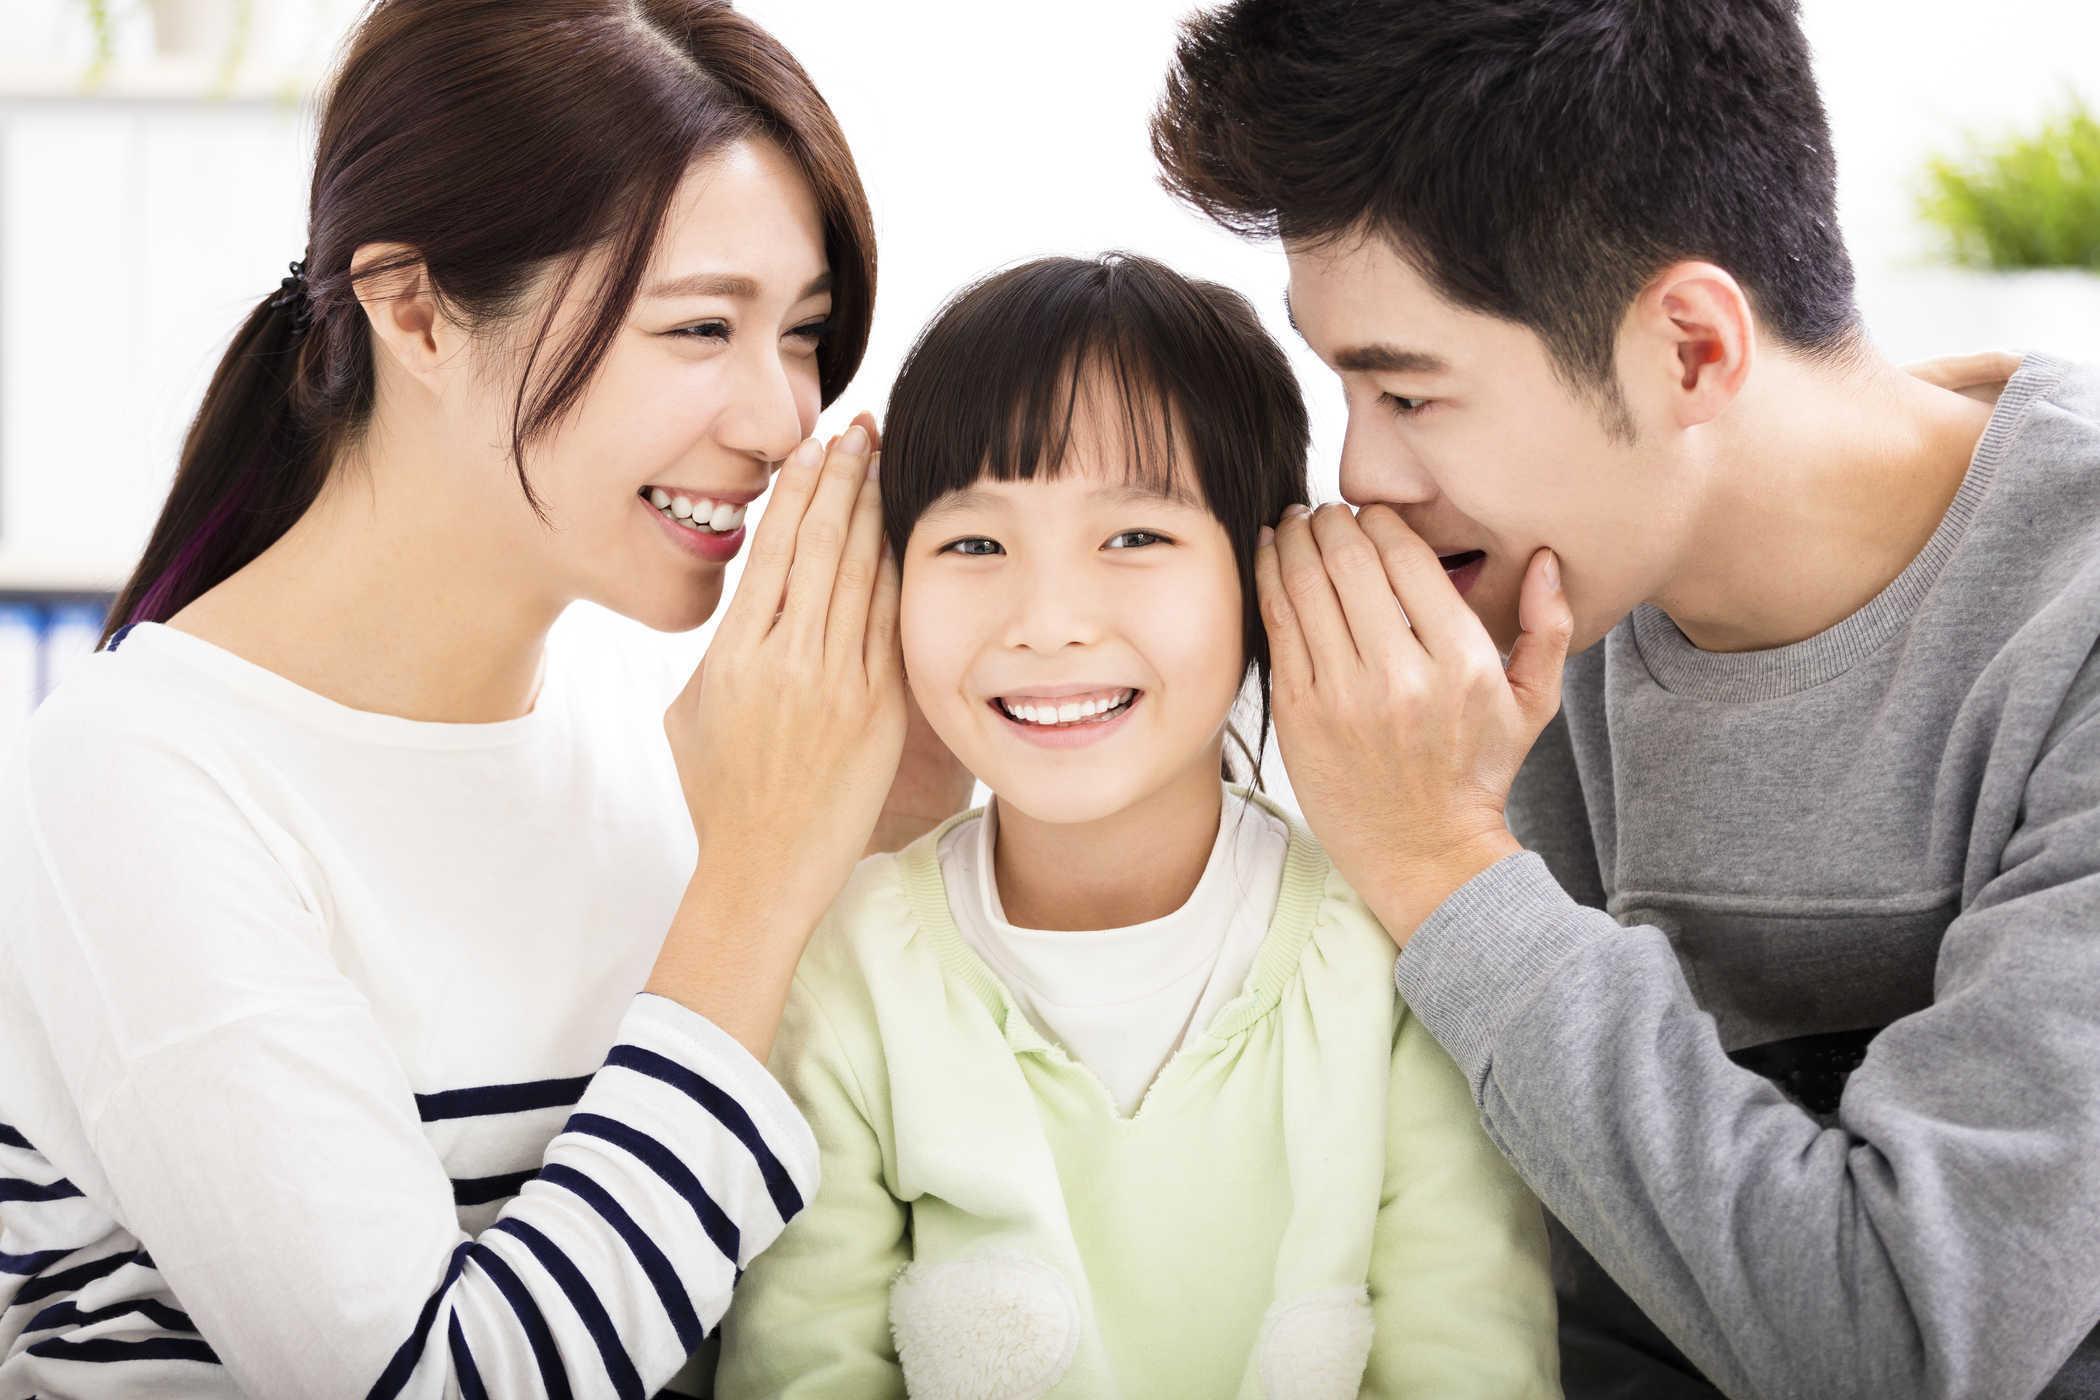 Trách nhiệm giữa các thành viên trong gia đình